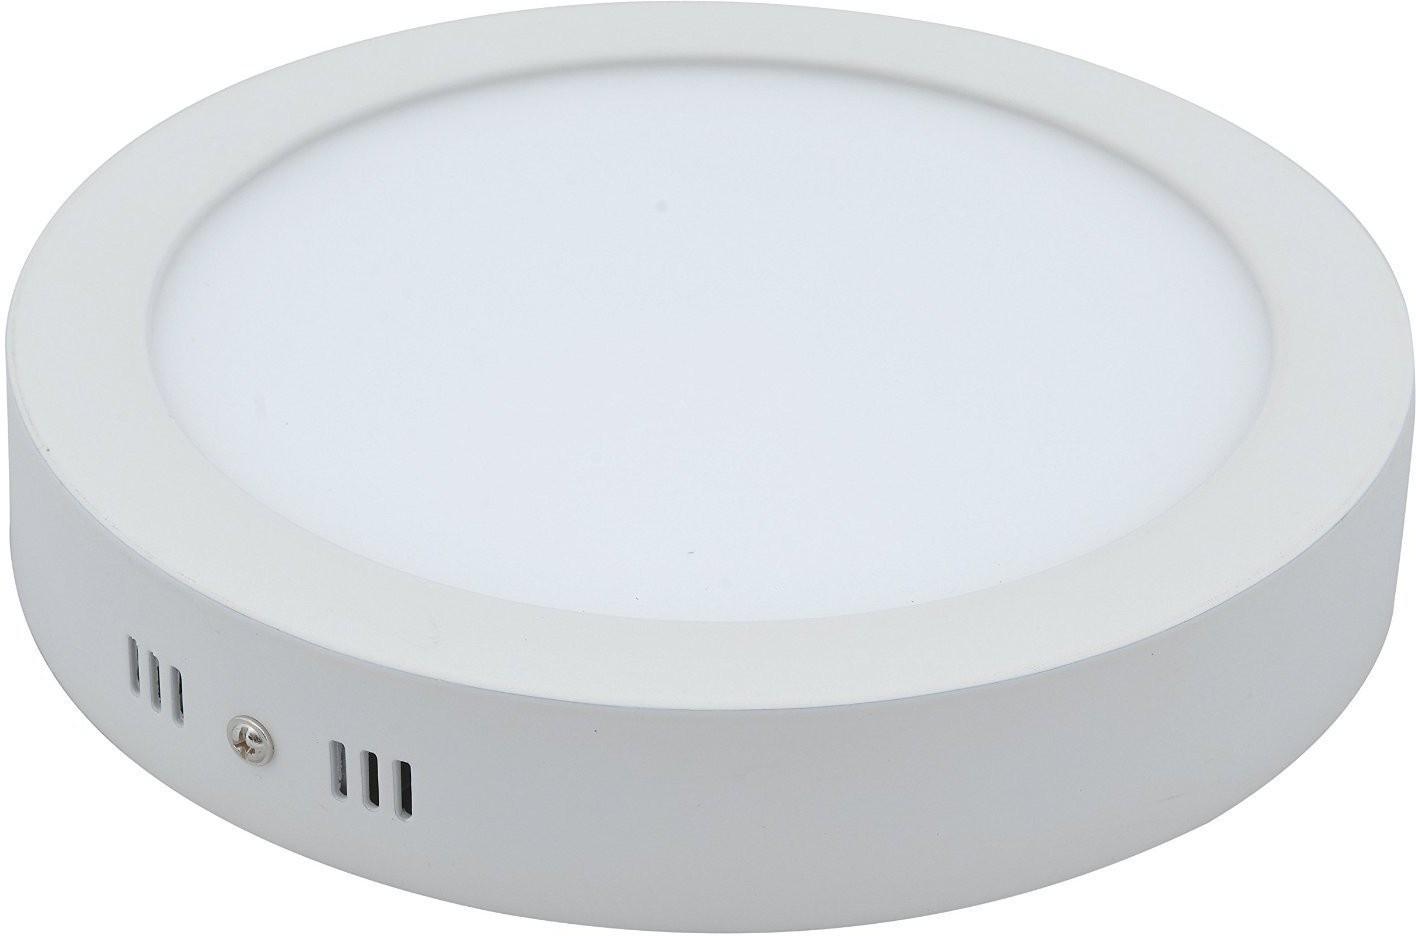 Buy led night lamp online india - Whiteray Led Surface 6w Night Lamp